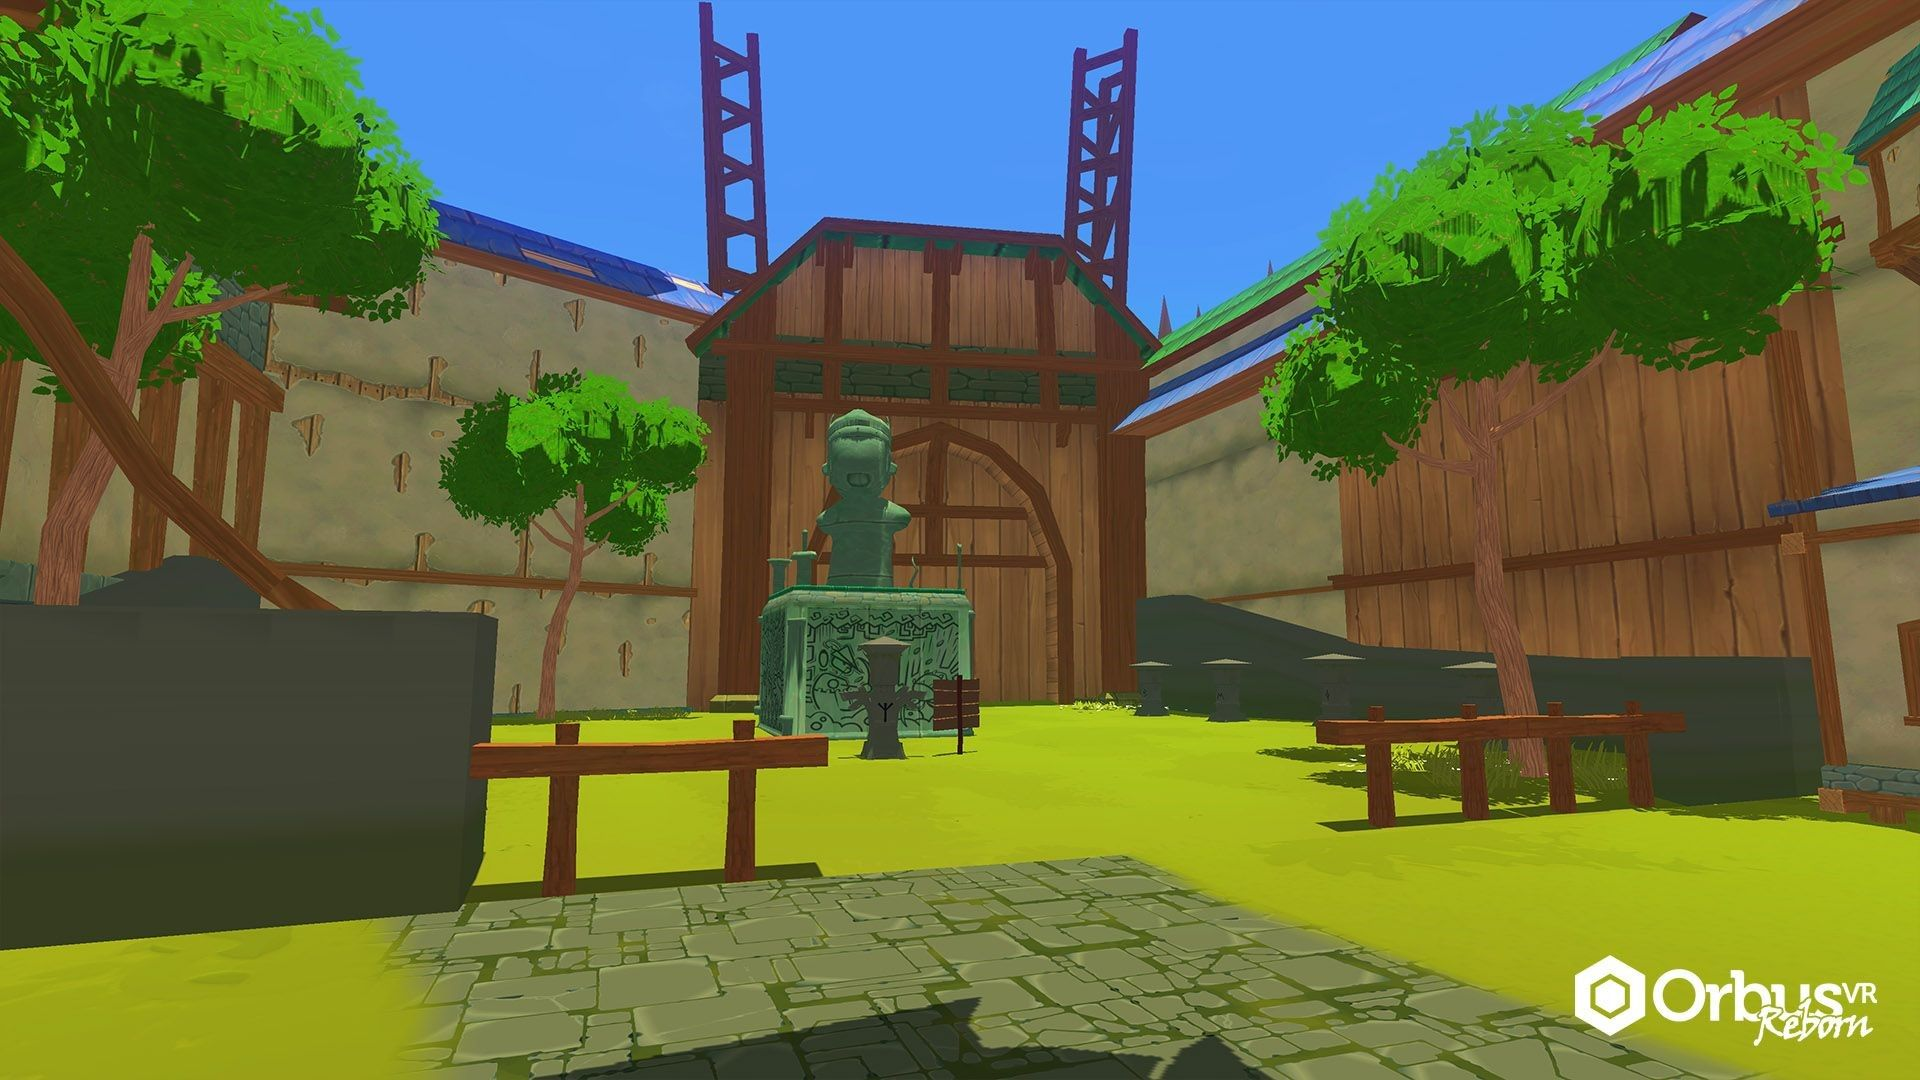 Oculus Quest Oculus Quest Tutorial Game Oculus, Oculus